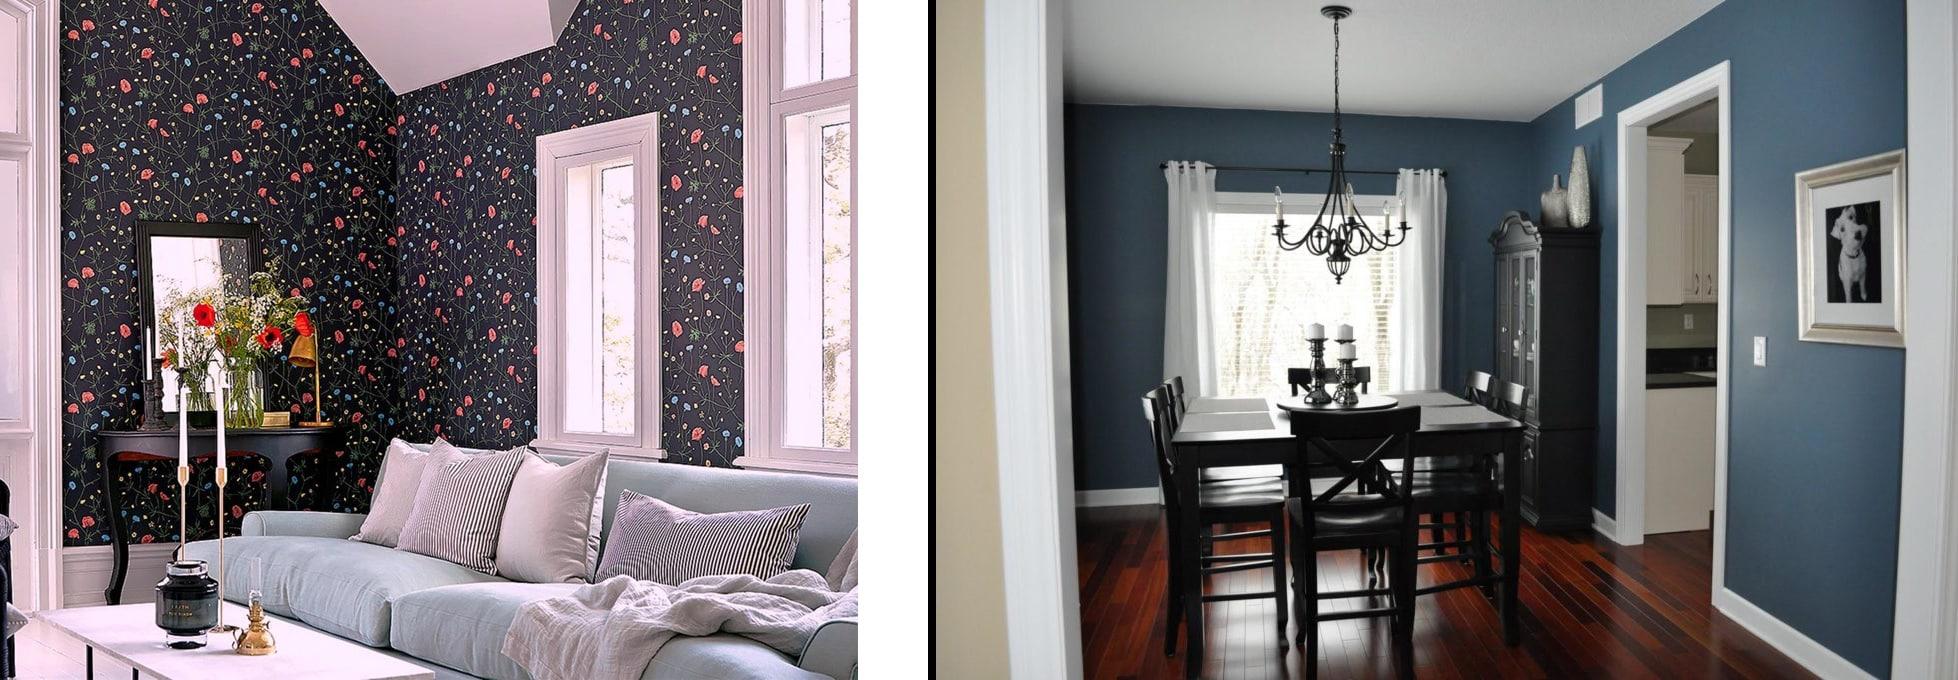 Обои или покраска стен — критерии выбора | Обои или покраска стен: что лучше, что дешевле